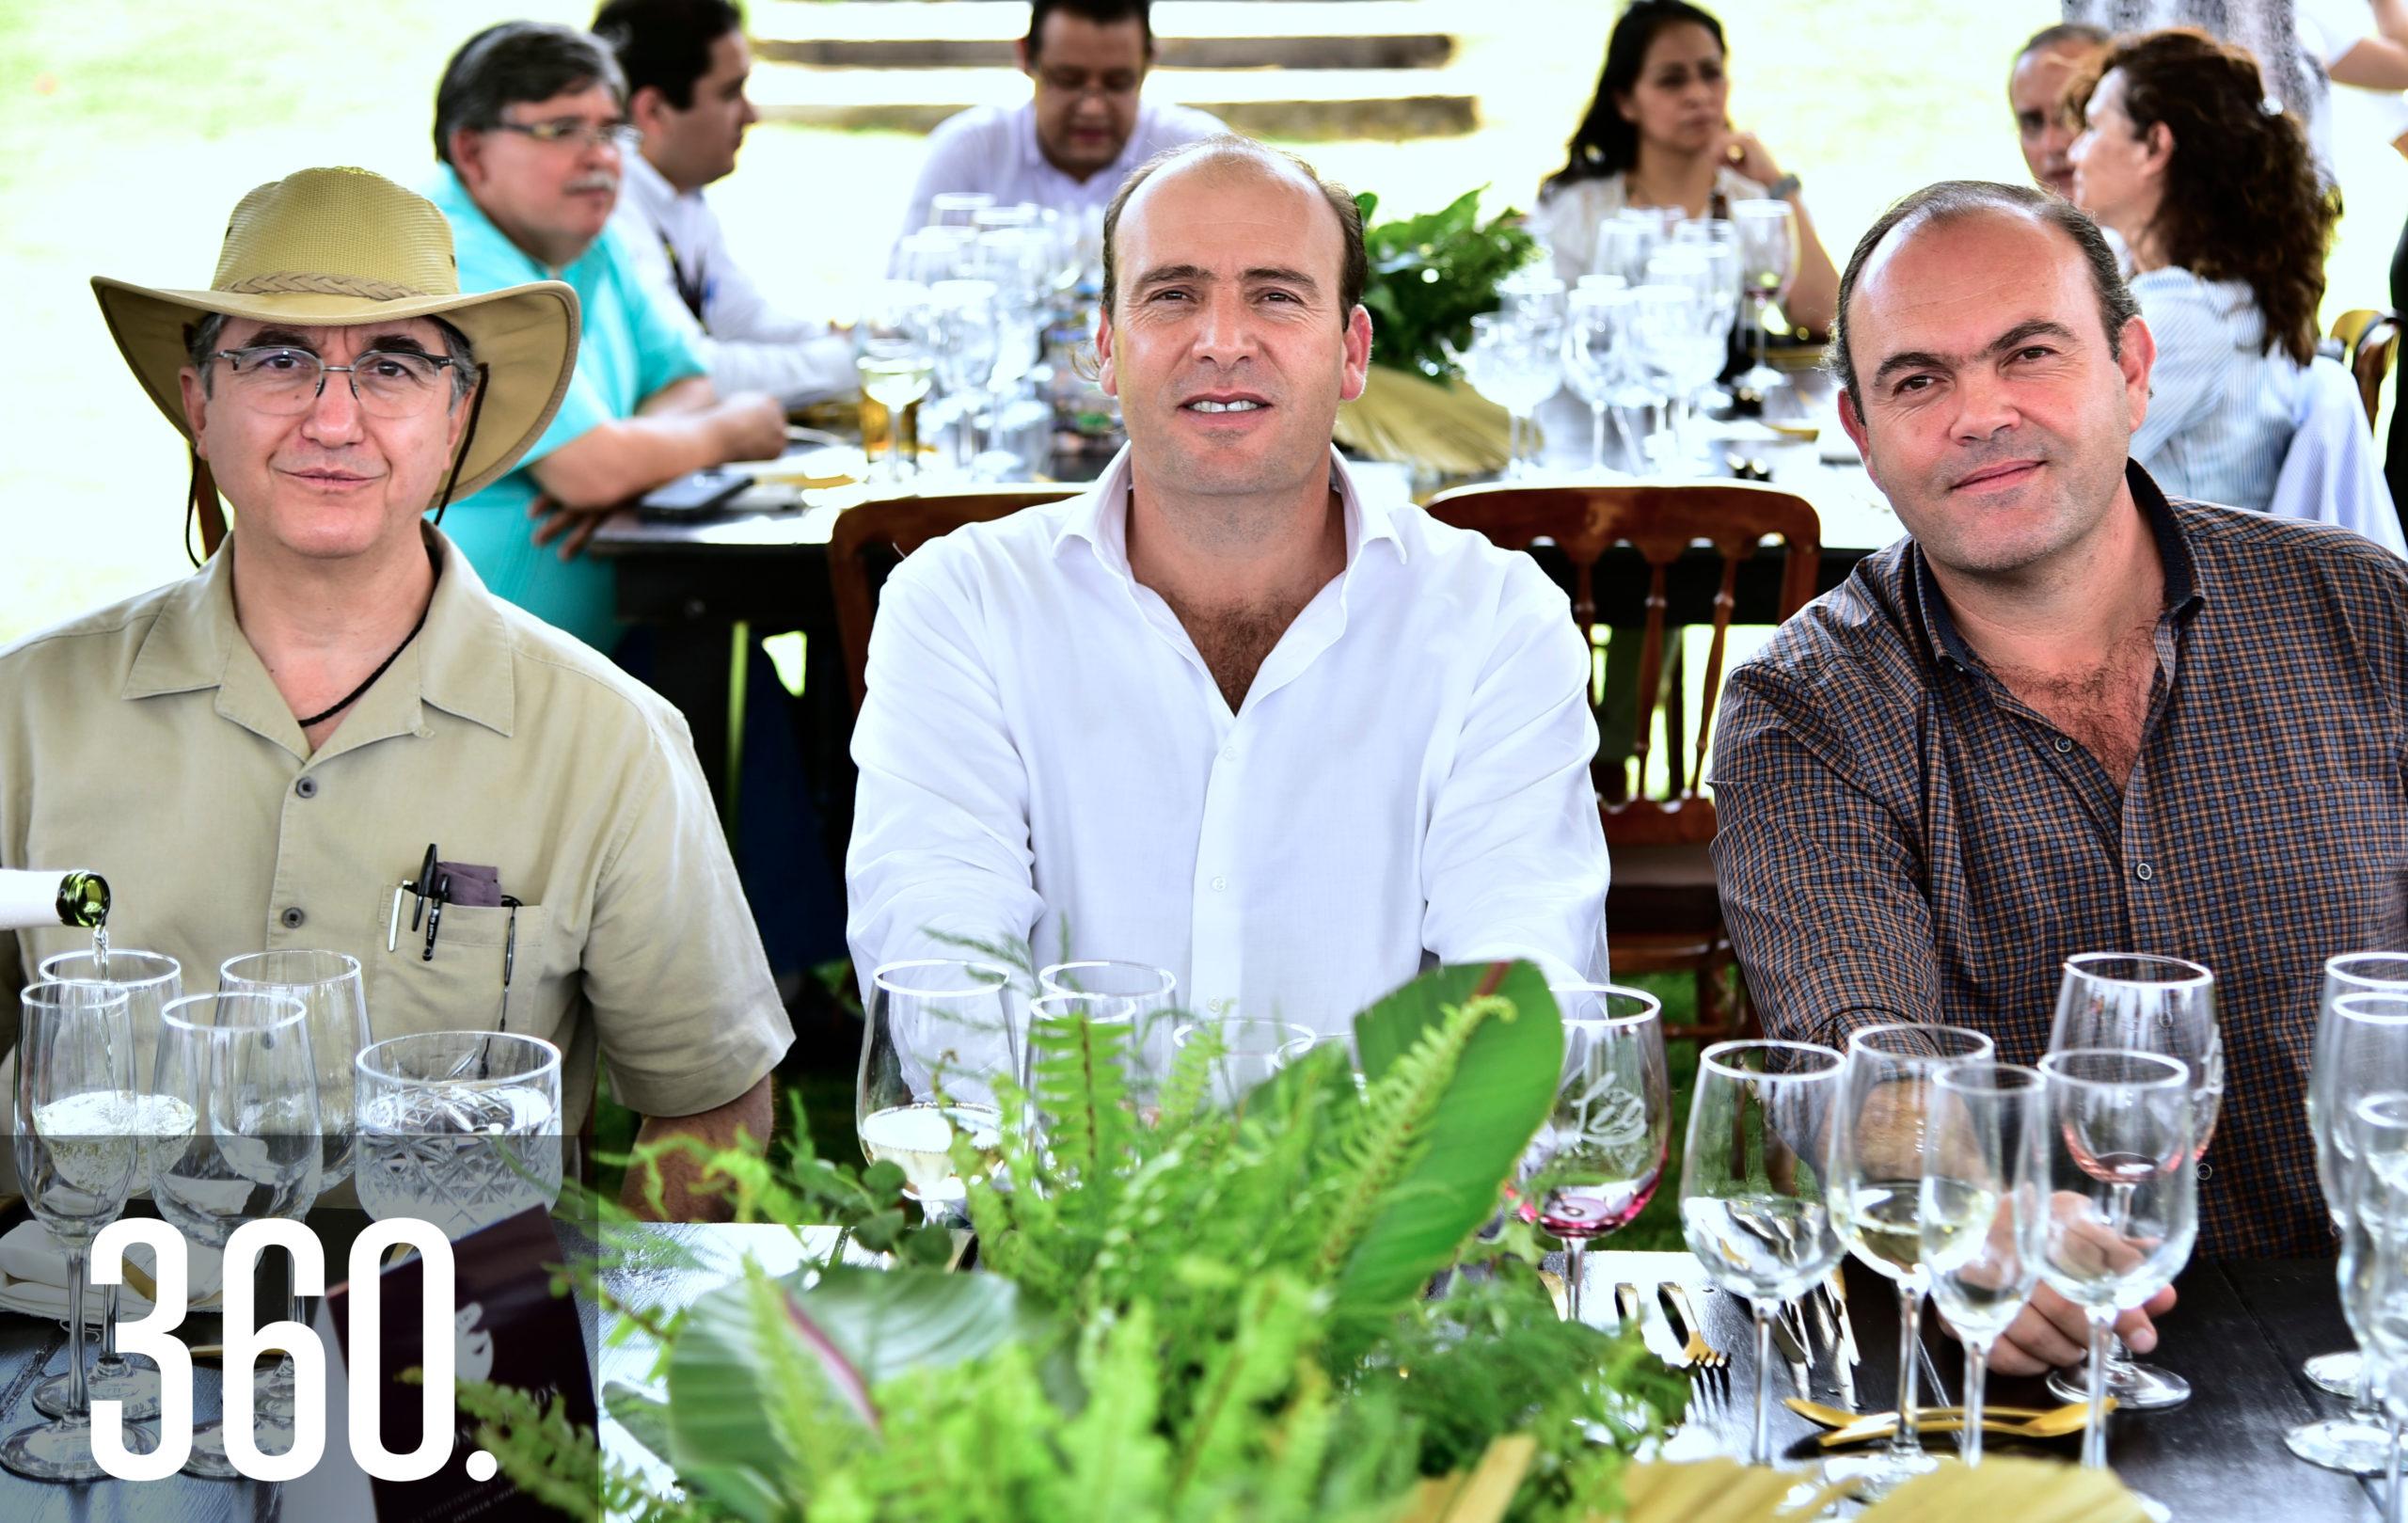 Braulio Cárdenas, David Cárdenas y Arturo Mendel.